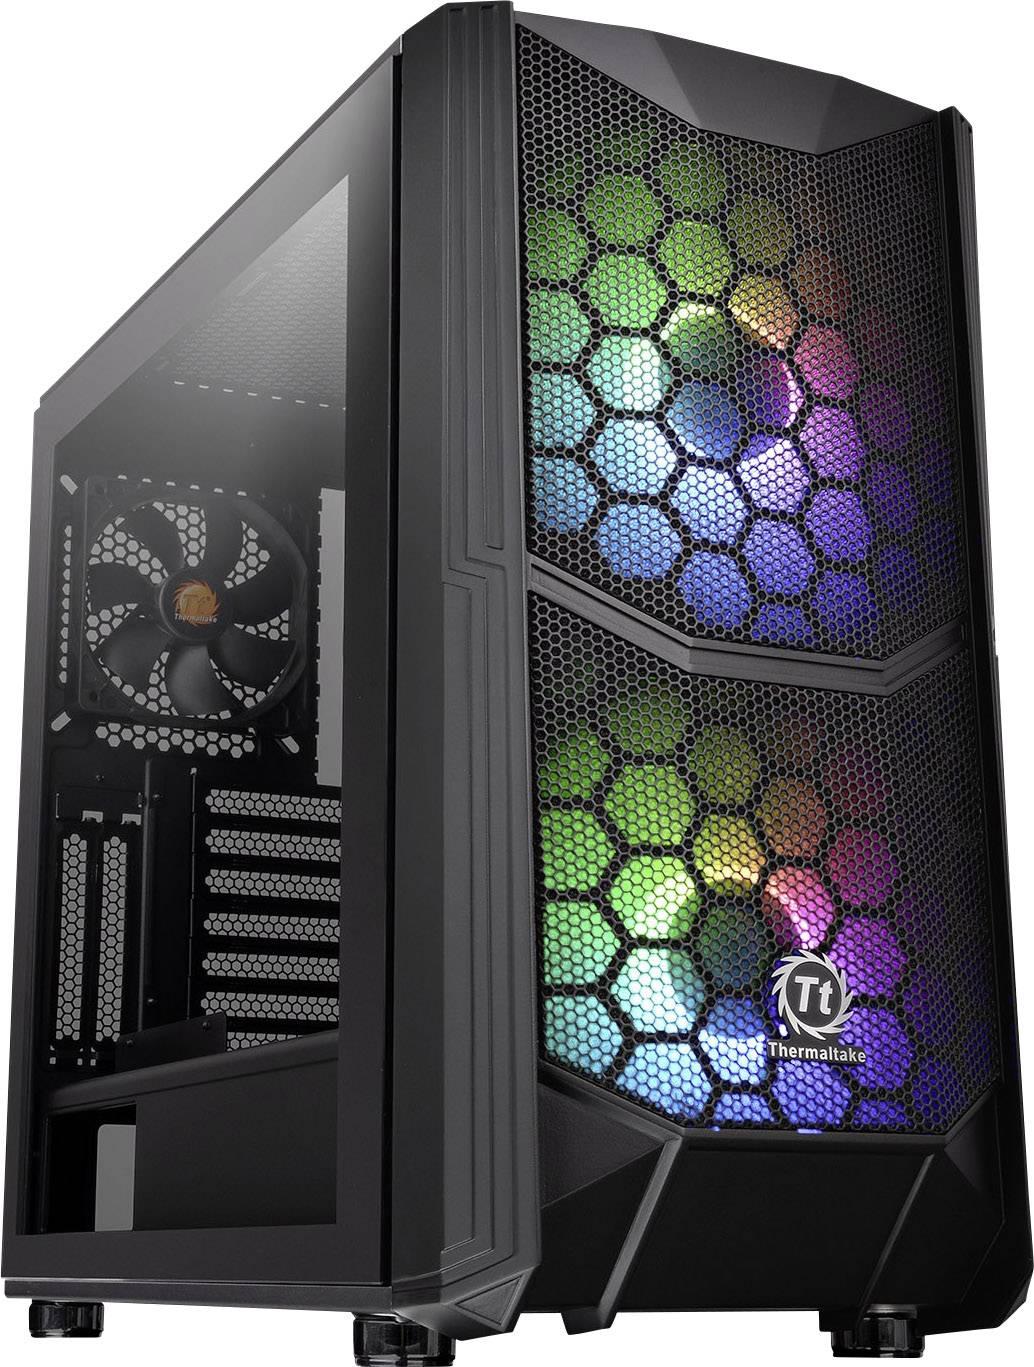 Midi-Tower PC Case, PC Case da gioco Thermaltake Commander C35 TG Nero 2 ventole LED pre-montate, 1 ventola pre-montata,